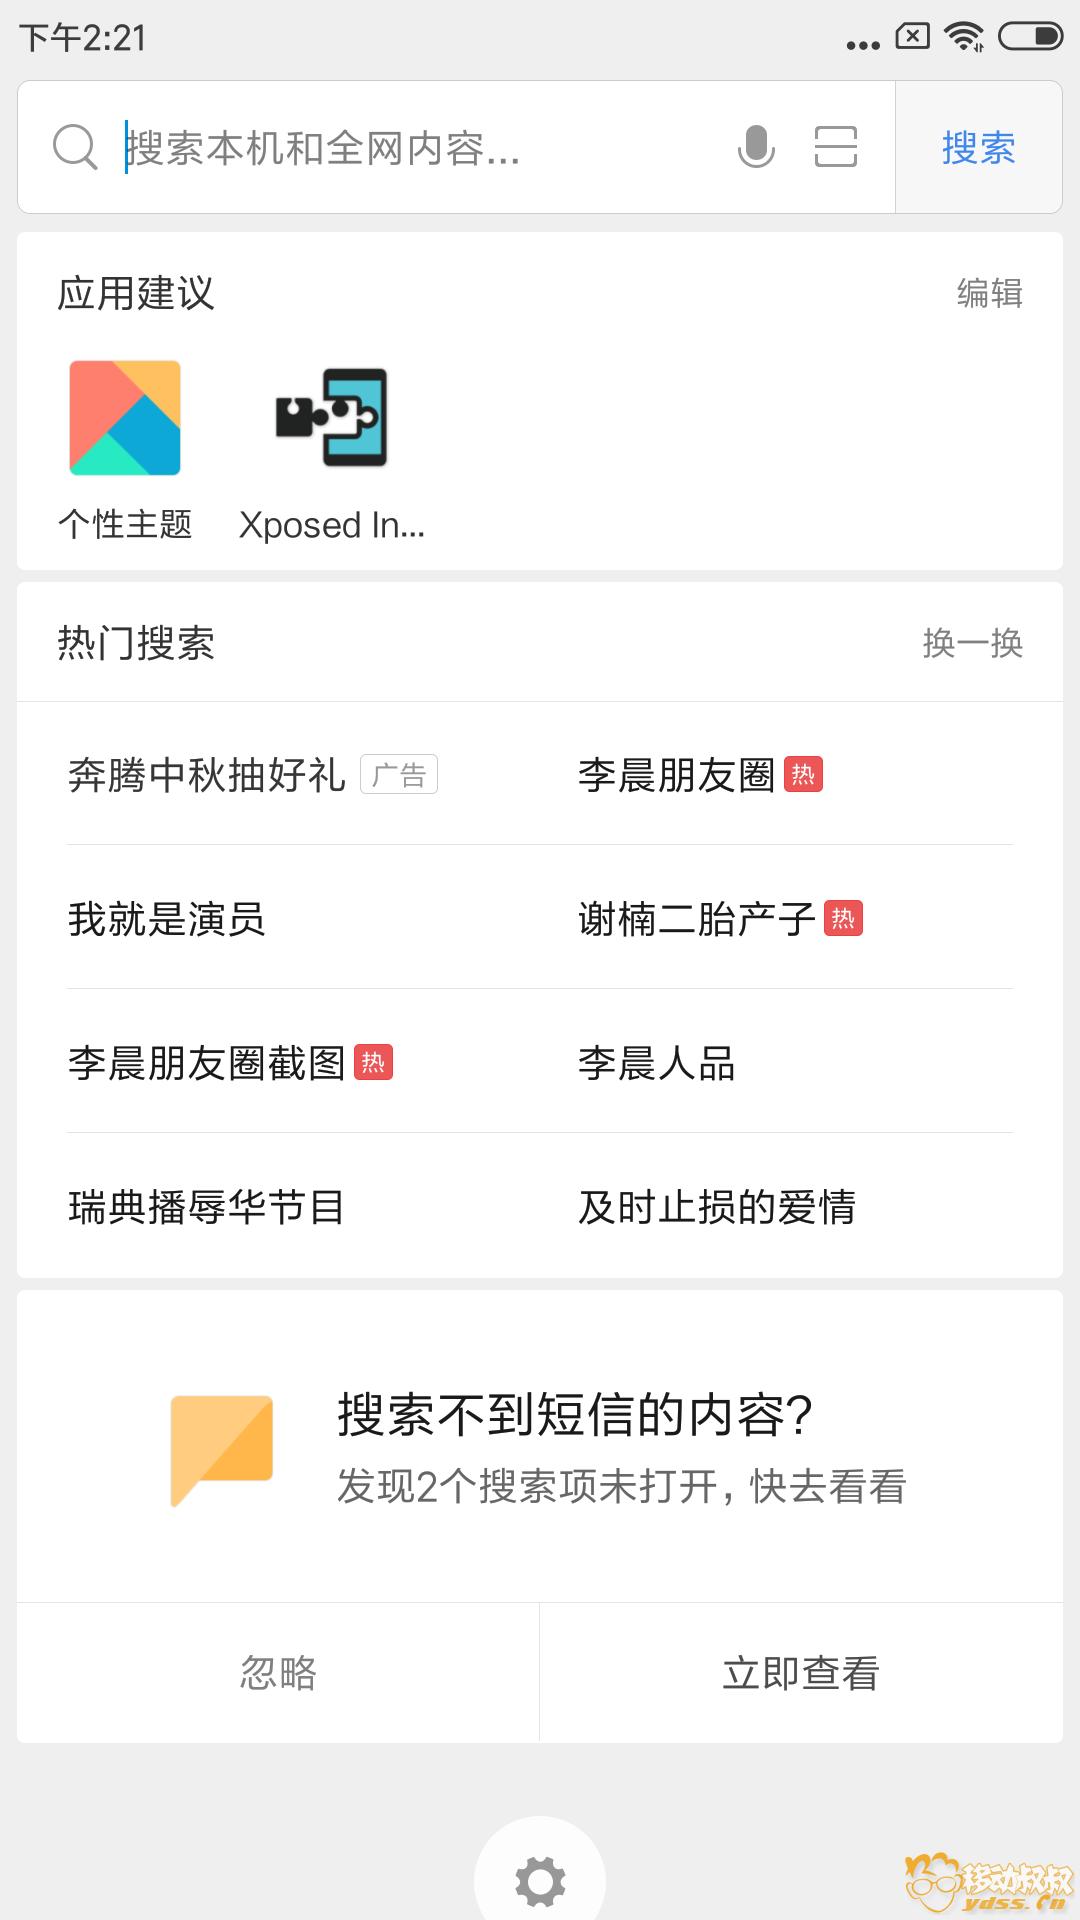 Screenshot_2018-09-24-14-21-19-765_com.android.qu.png